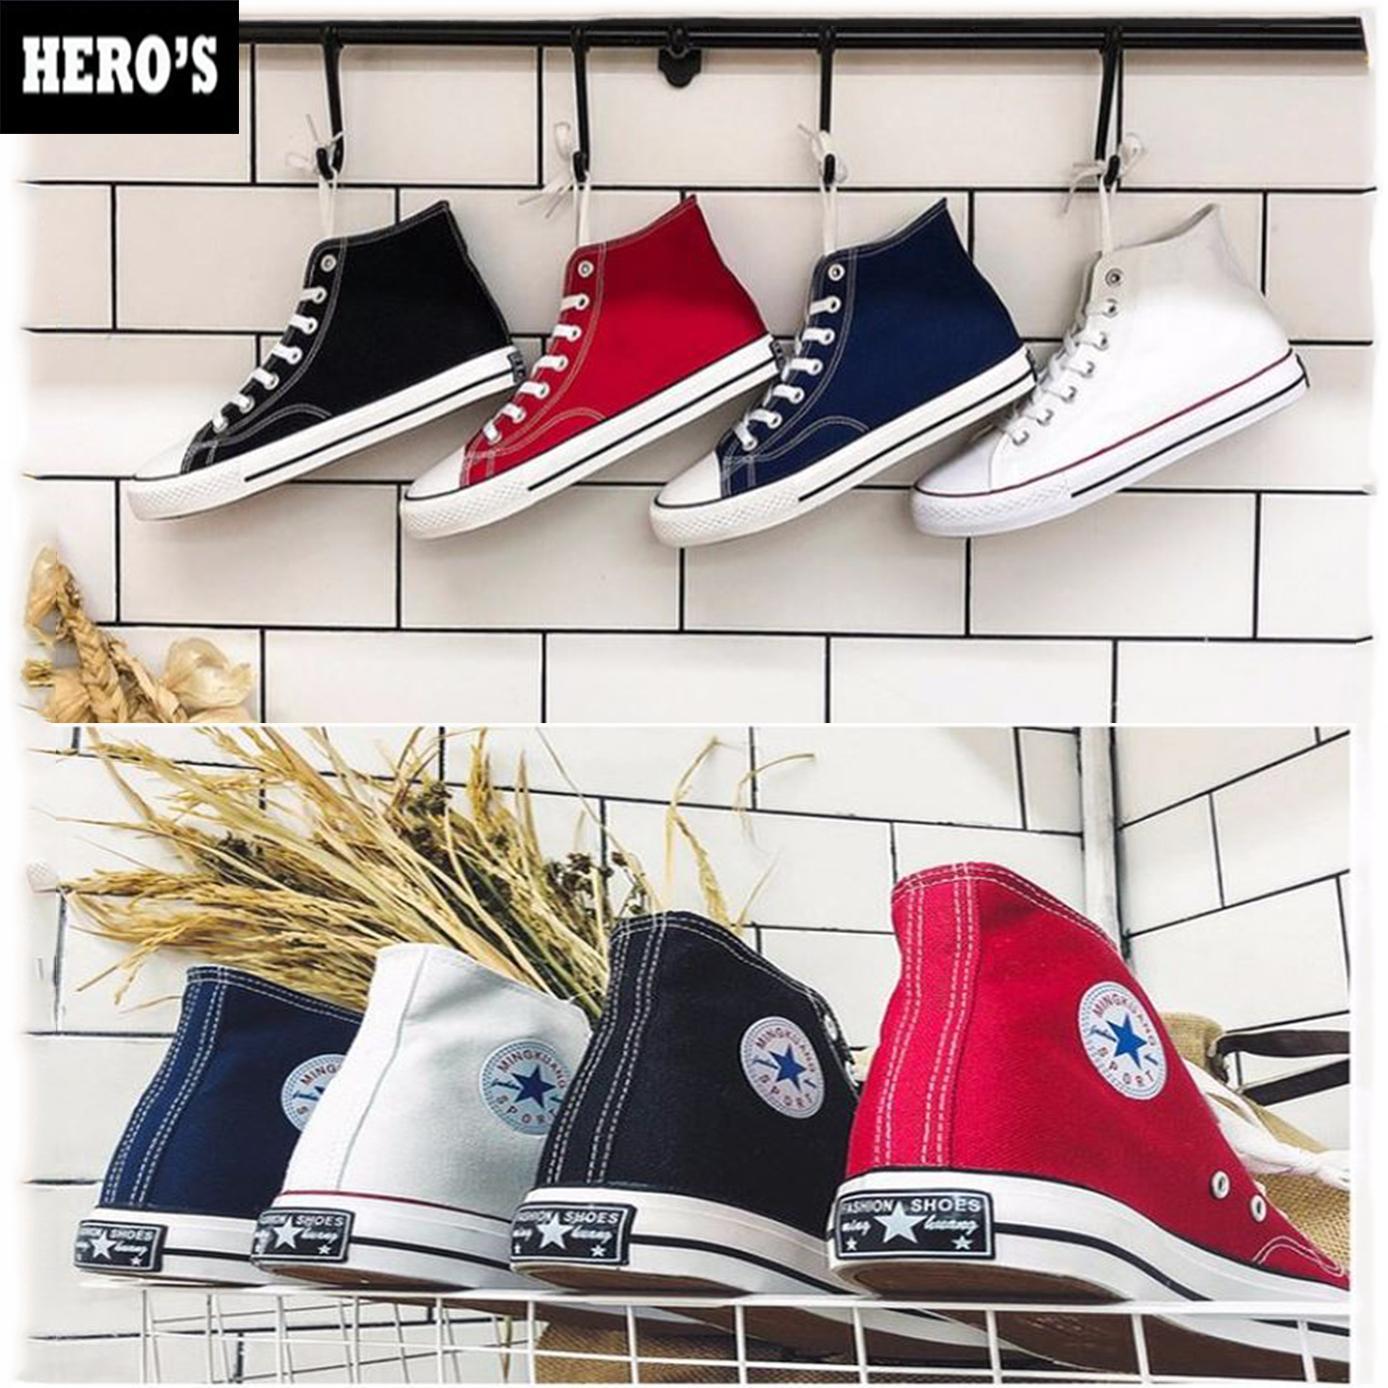 Mã Khuyến Mại tại Lazada cho Giày Sneaker Vải Cao Cổ Nam Nữ Hàn Quốc - Giày Thể  Vải Nam Nữ Hàn Quốc - Giày Đôi - Giày Cao Cổ - Giày Vải - (GIÁ CỰC RẺ)